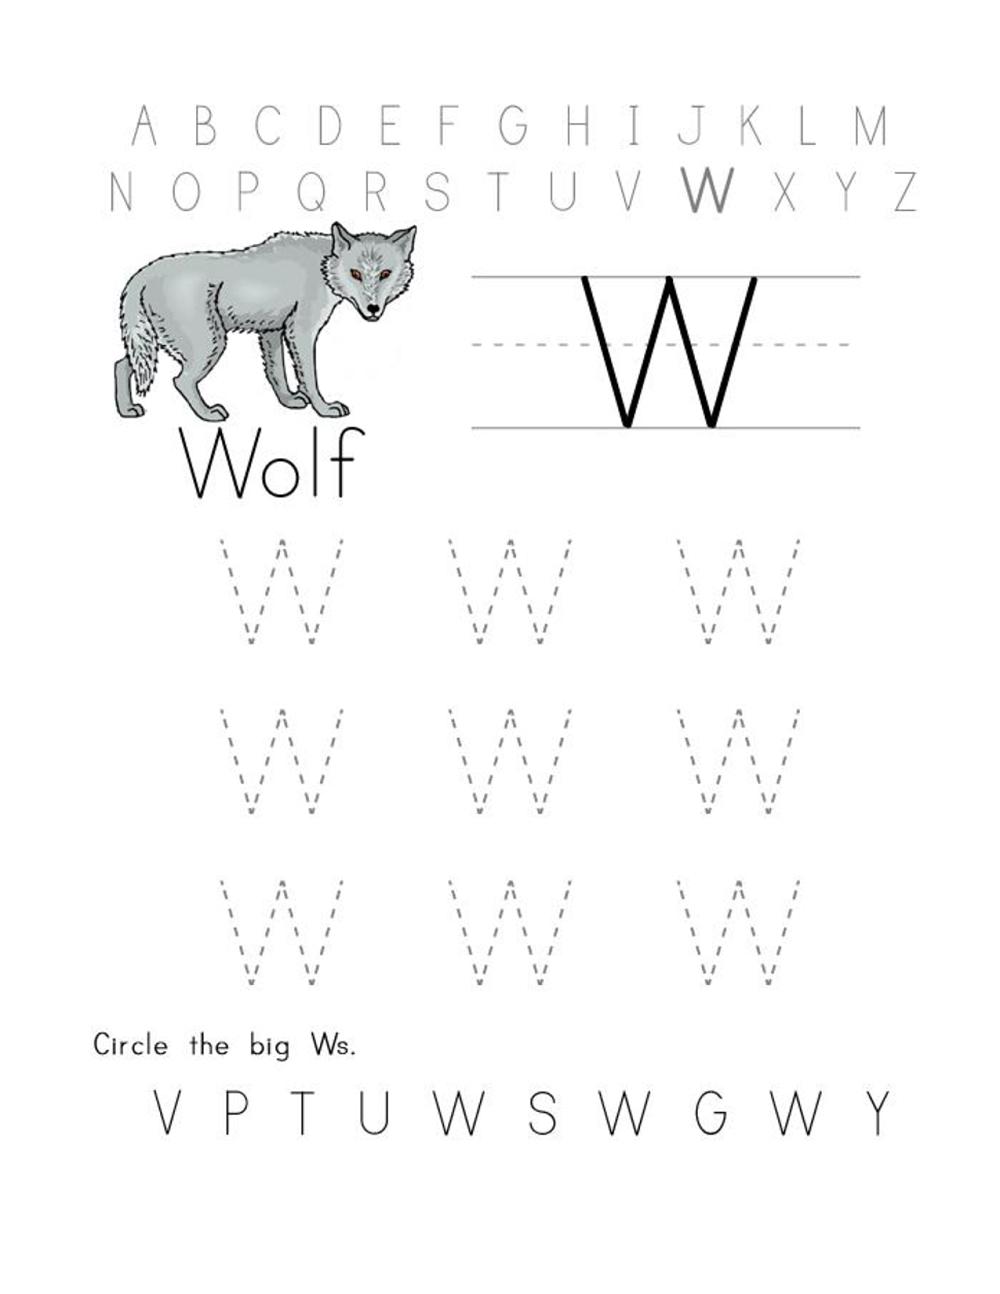 alphabet letter tracing printables worksheet